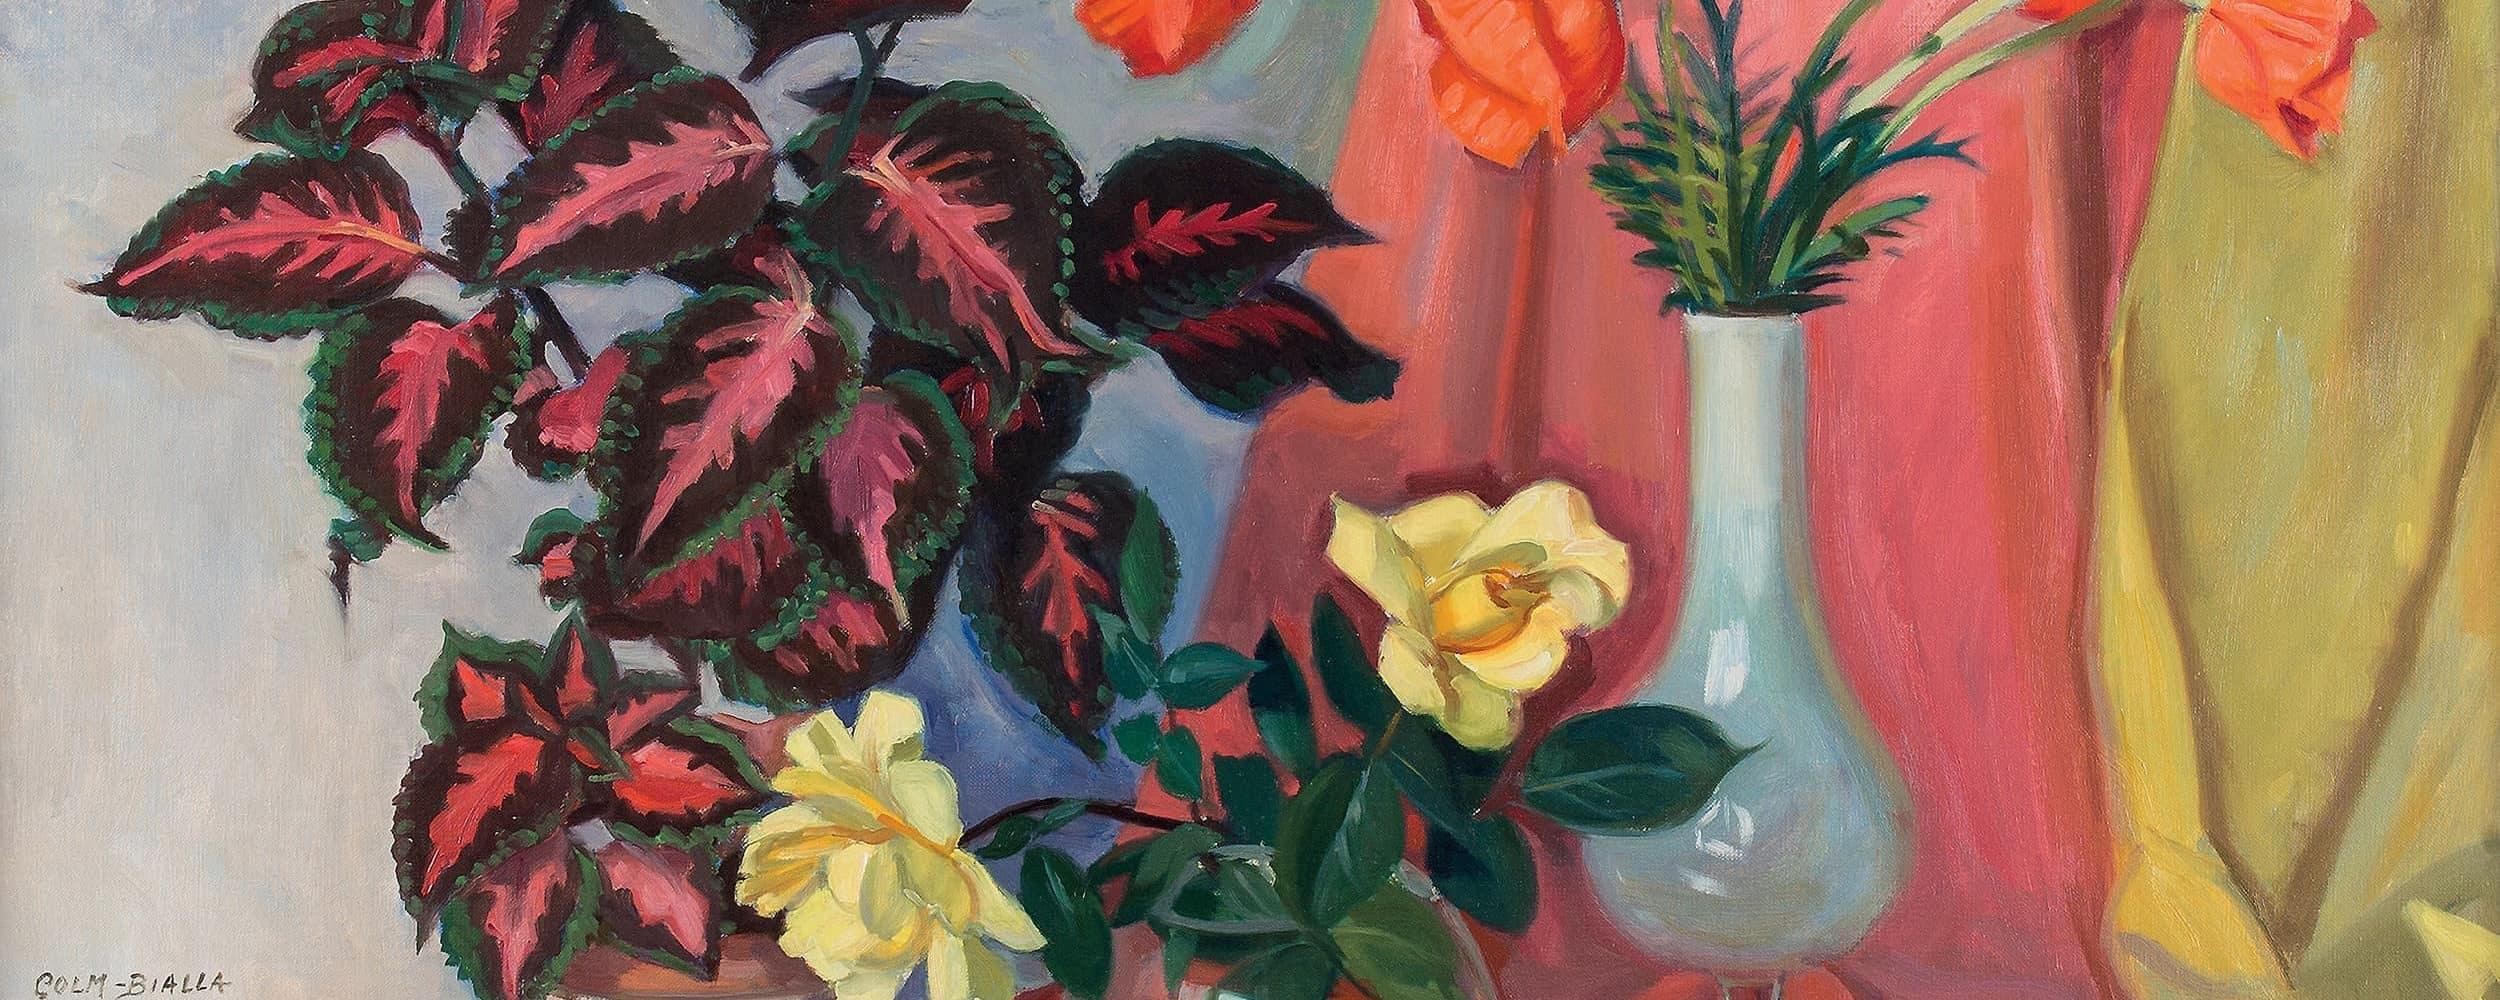 Stillleben mit Blumensträußen | 1962